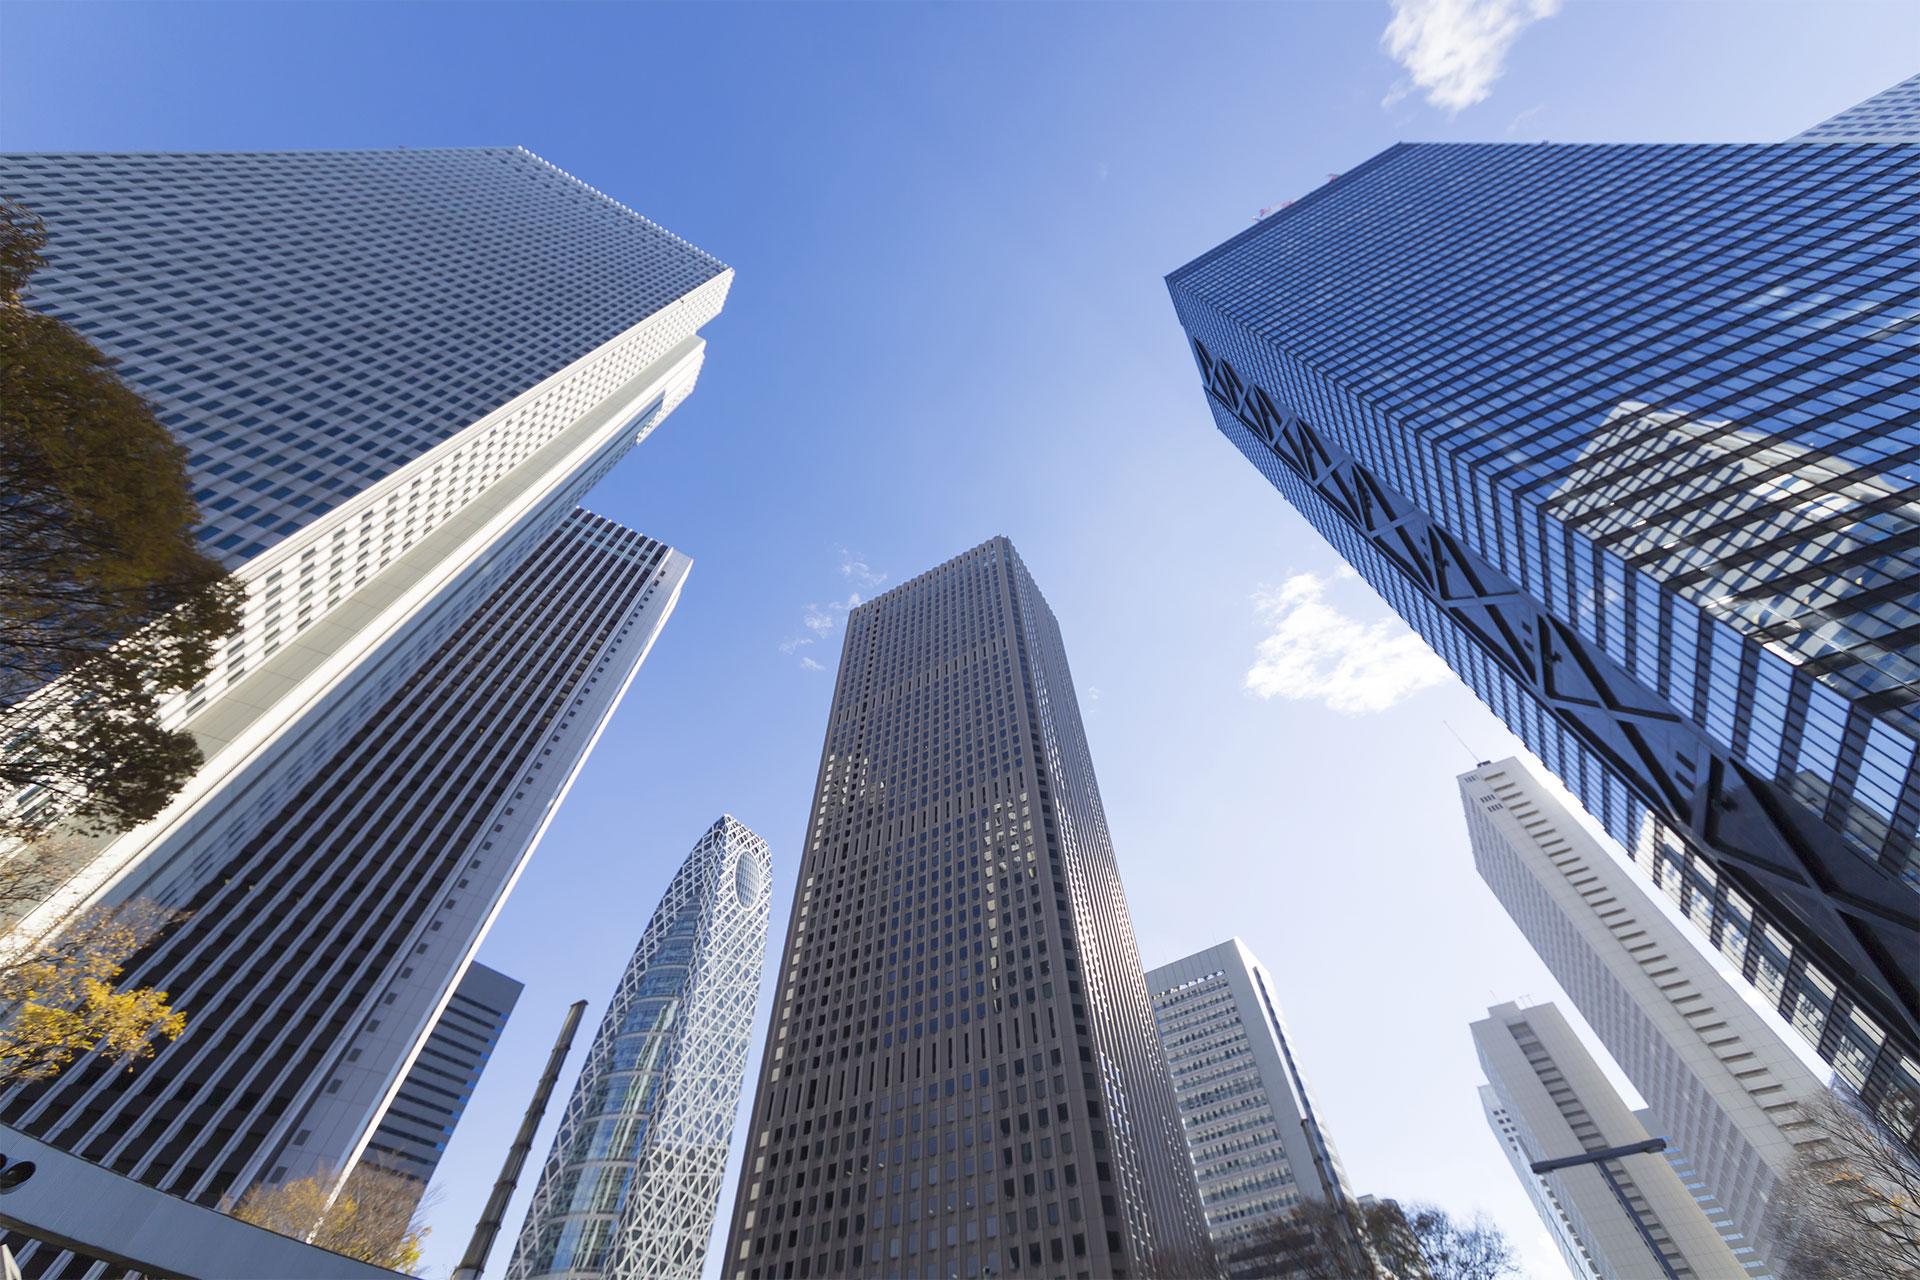 wprowadzenie-minimalnego-podatku-dla-podatnikow-posiadajacych-srodki-trwale-postaci-nieruchomosci-komercyjnych